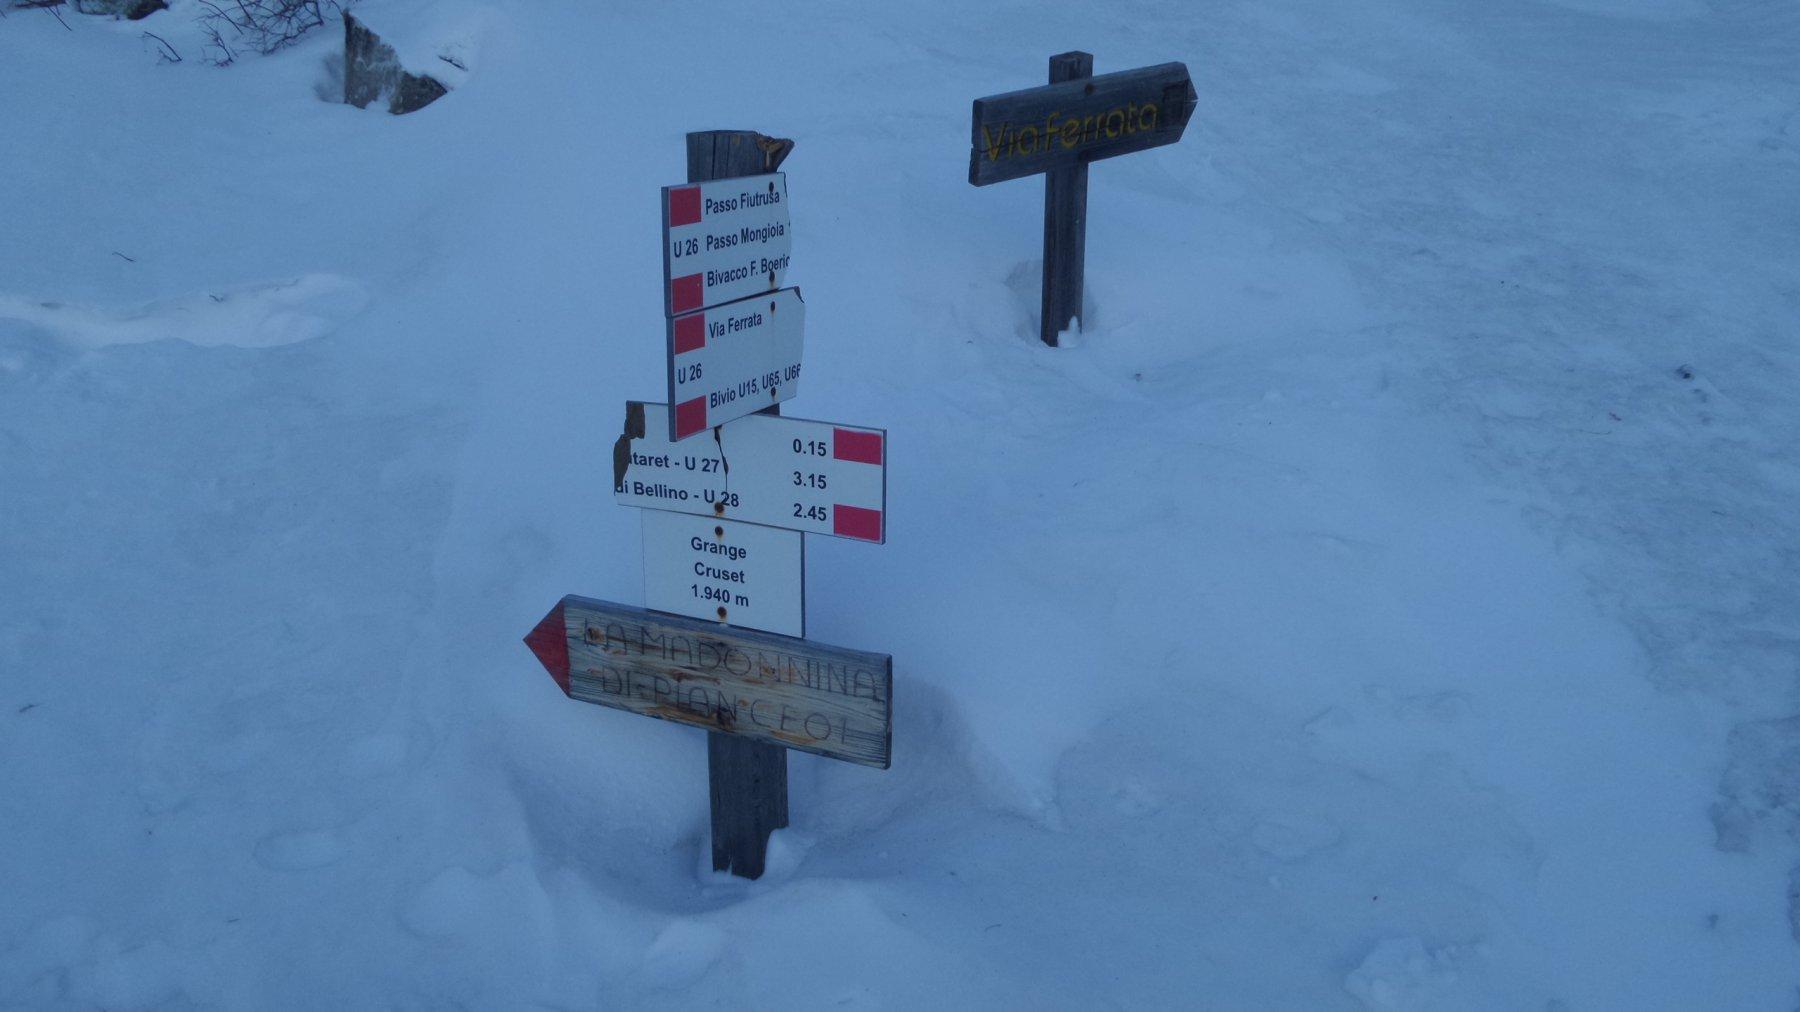 cartelli indicatori nei pressi del bivio dove ha inizio il sentiero per salire verso i Colli Autaret e Bellino